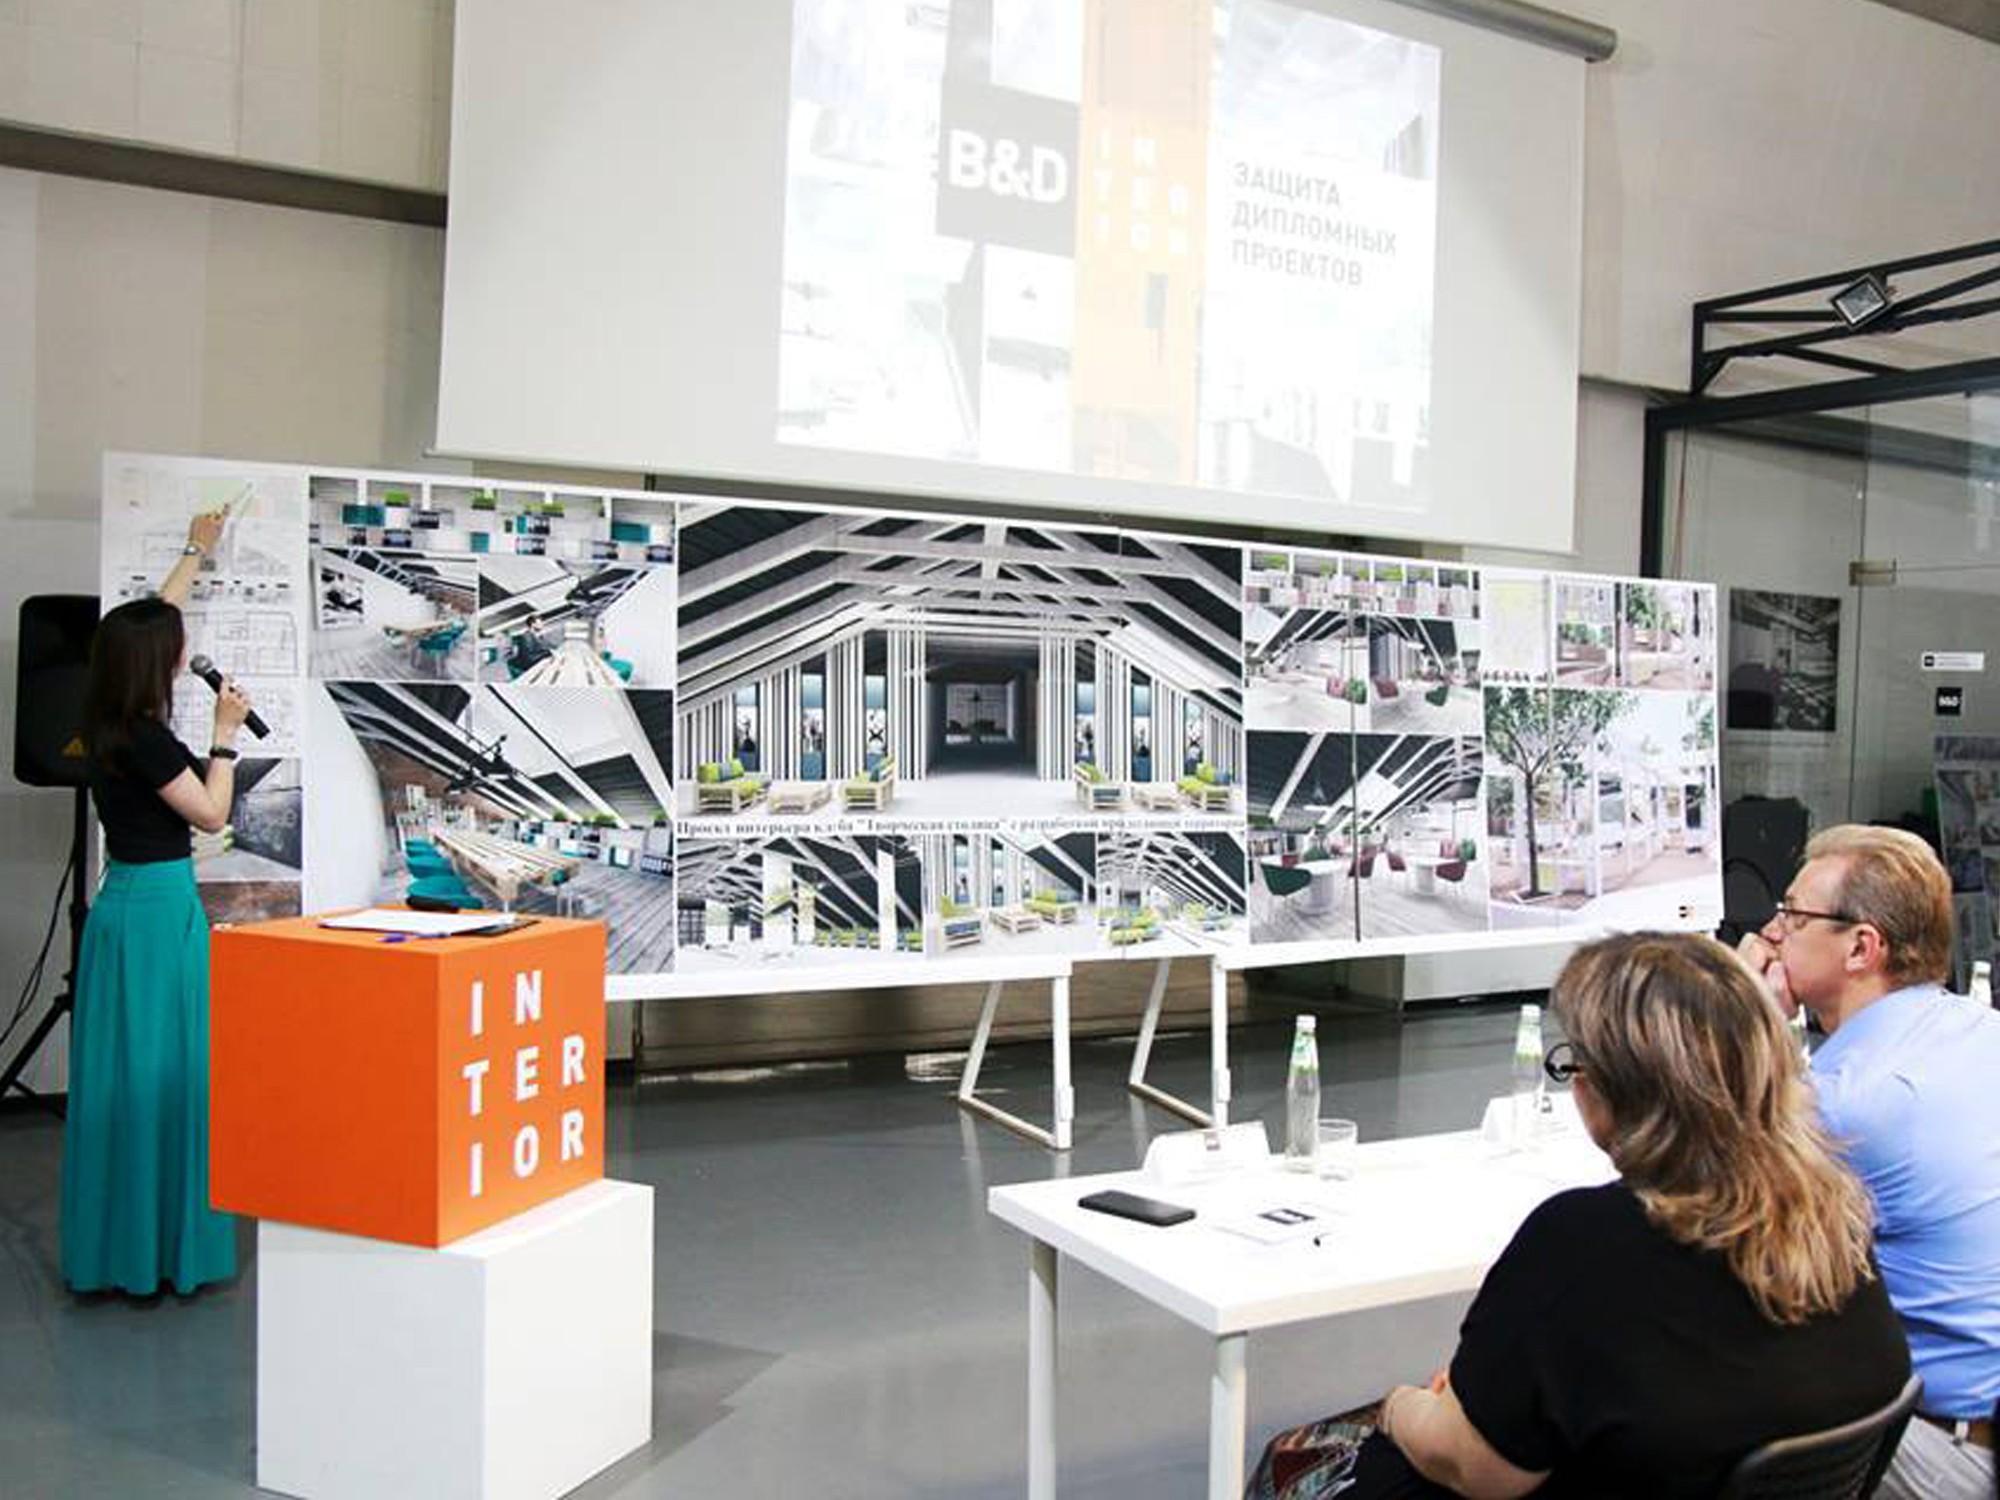 соняшника підрозділяють дипломные проекты фотографов инновация живая структура